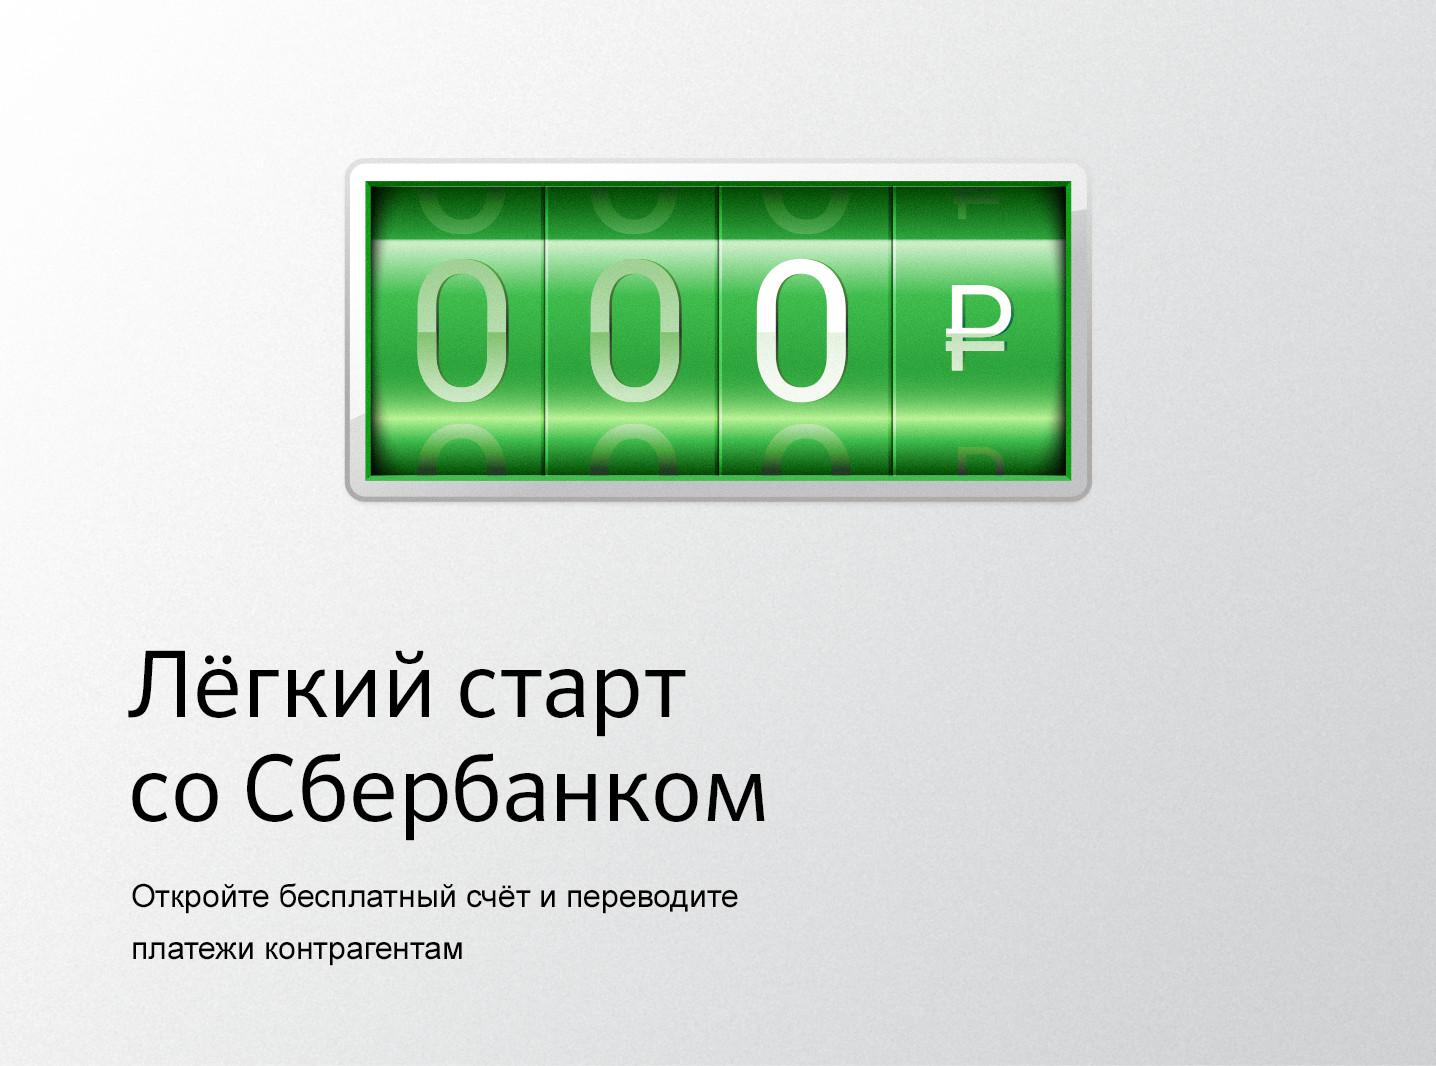 Новый пакет для малого бизнеса «Легкий старт» от Сбербанка